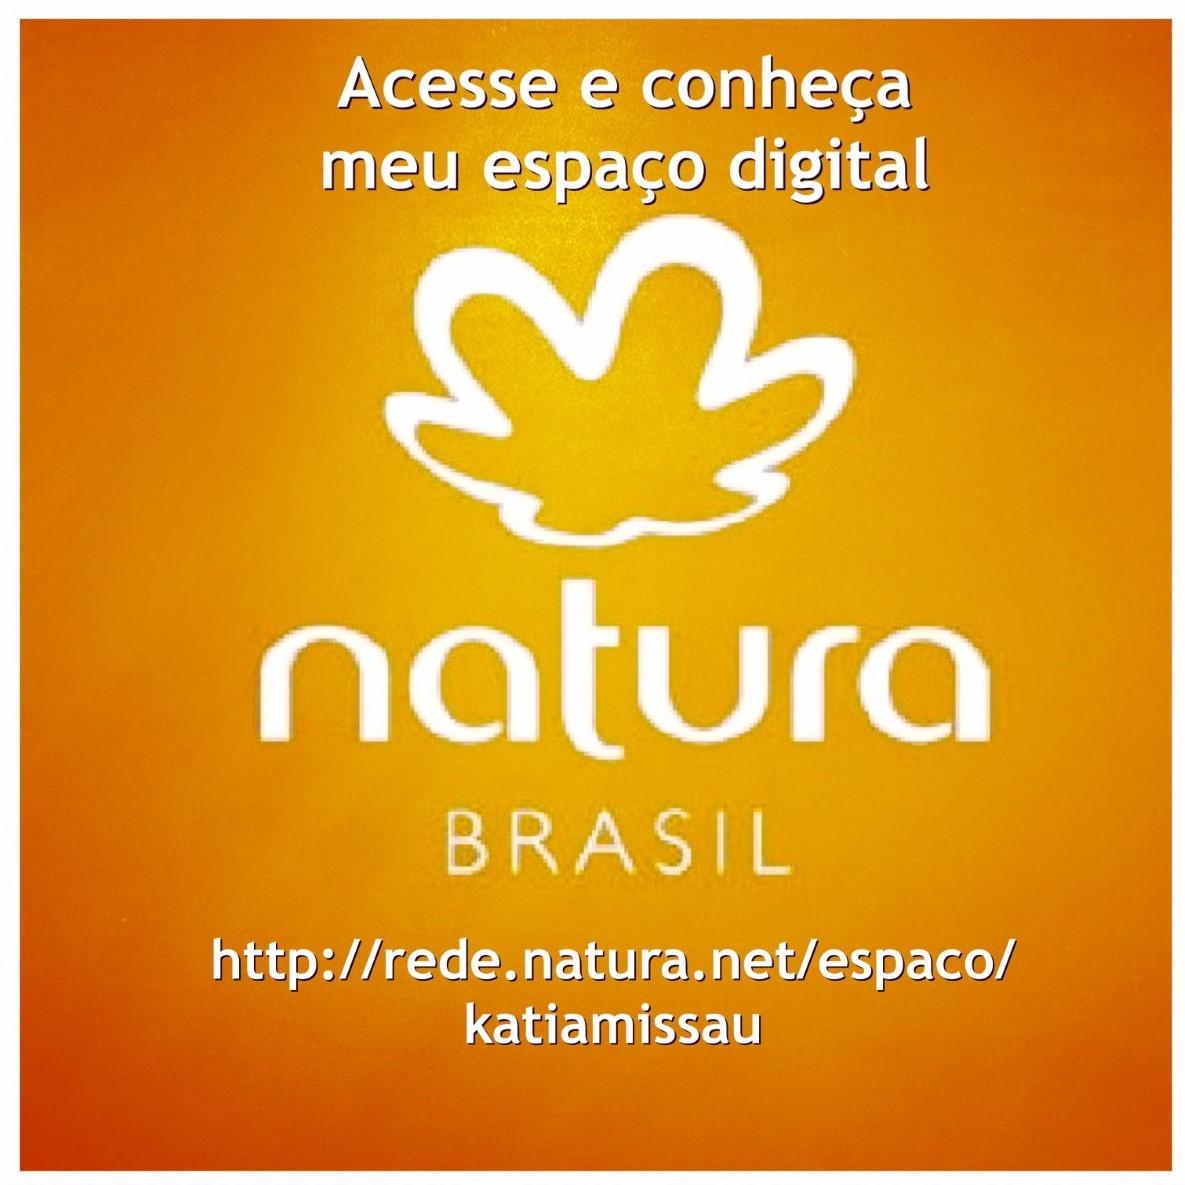 Espaço digital Natura - Katia Missau